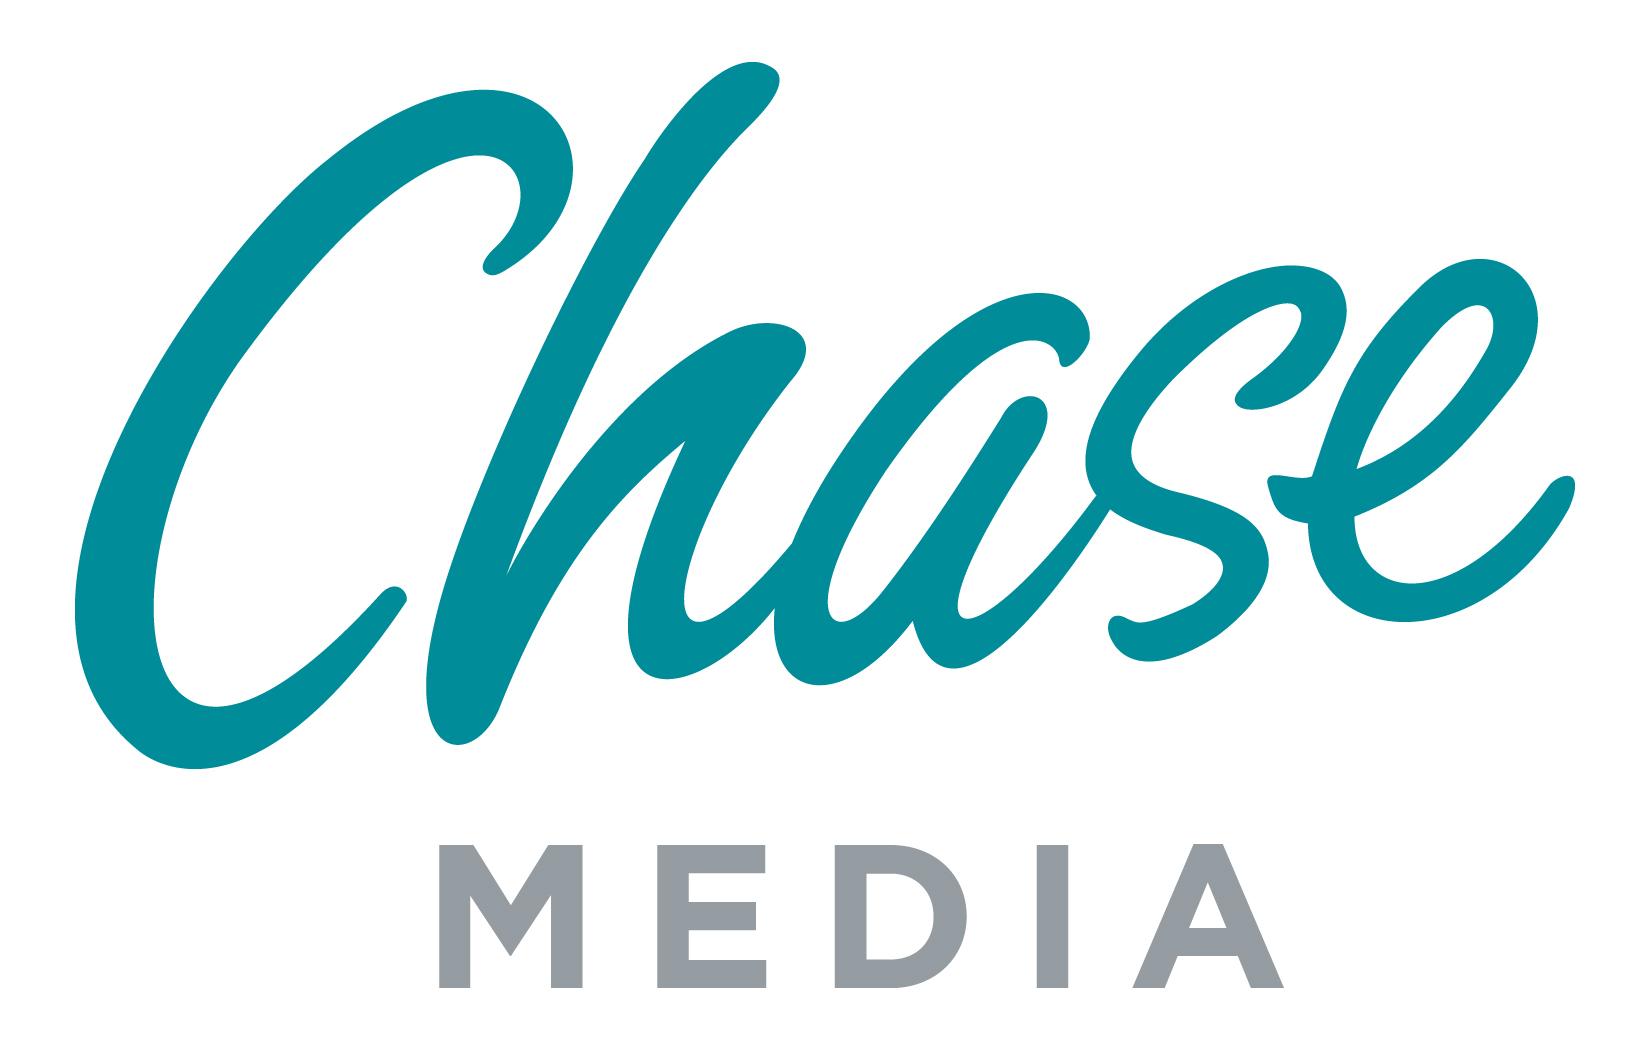 Chase-Media-logo-final.jpg